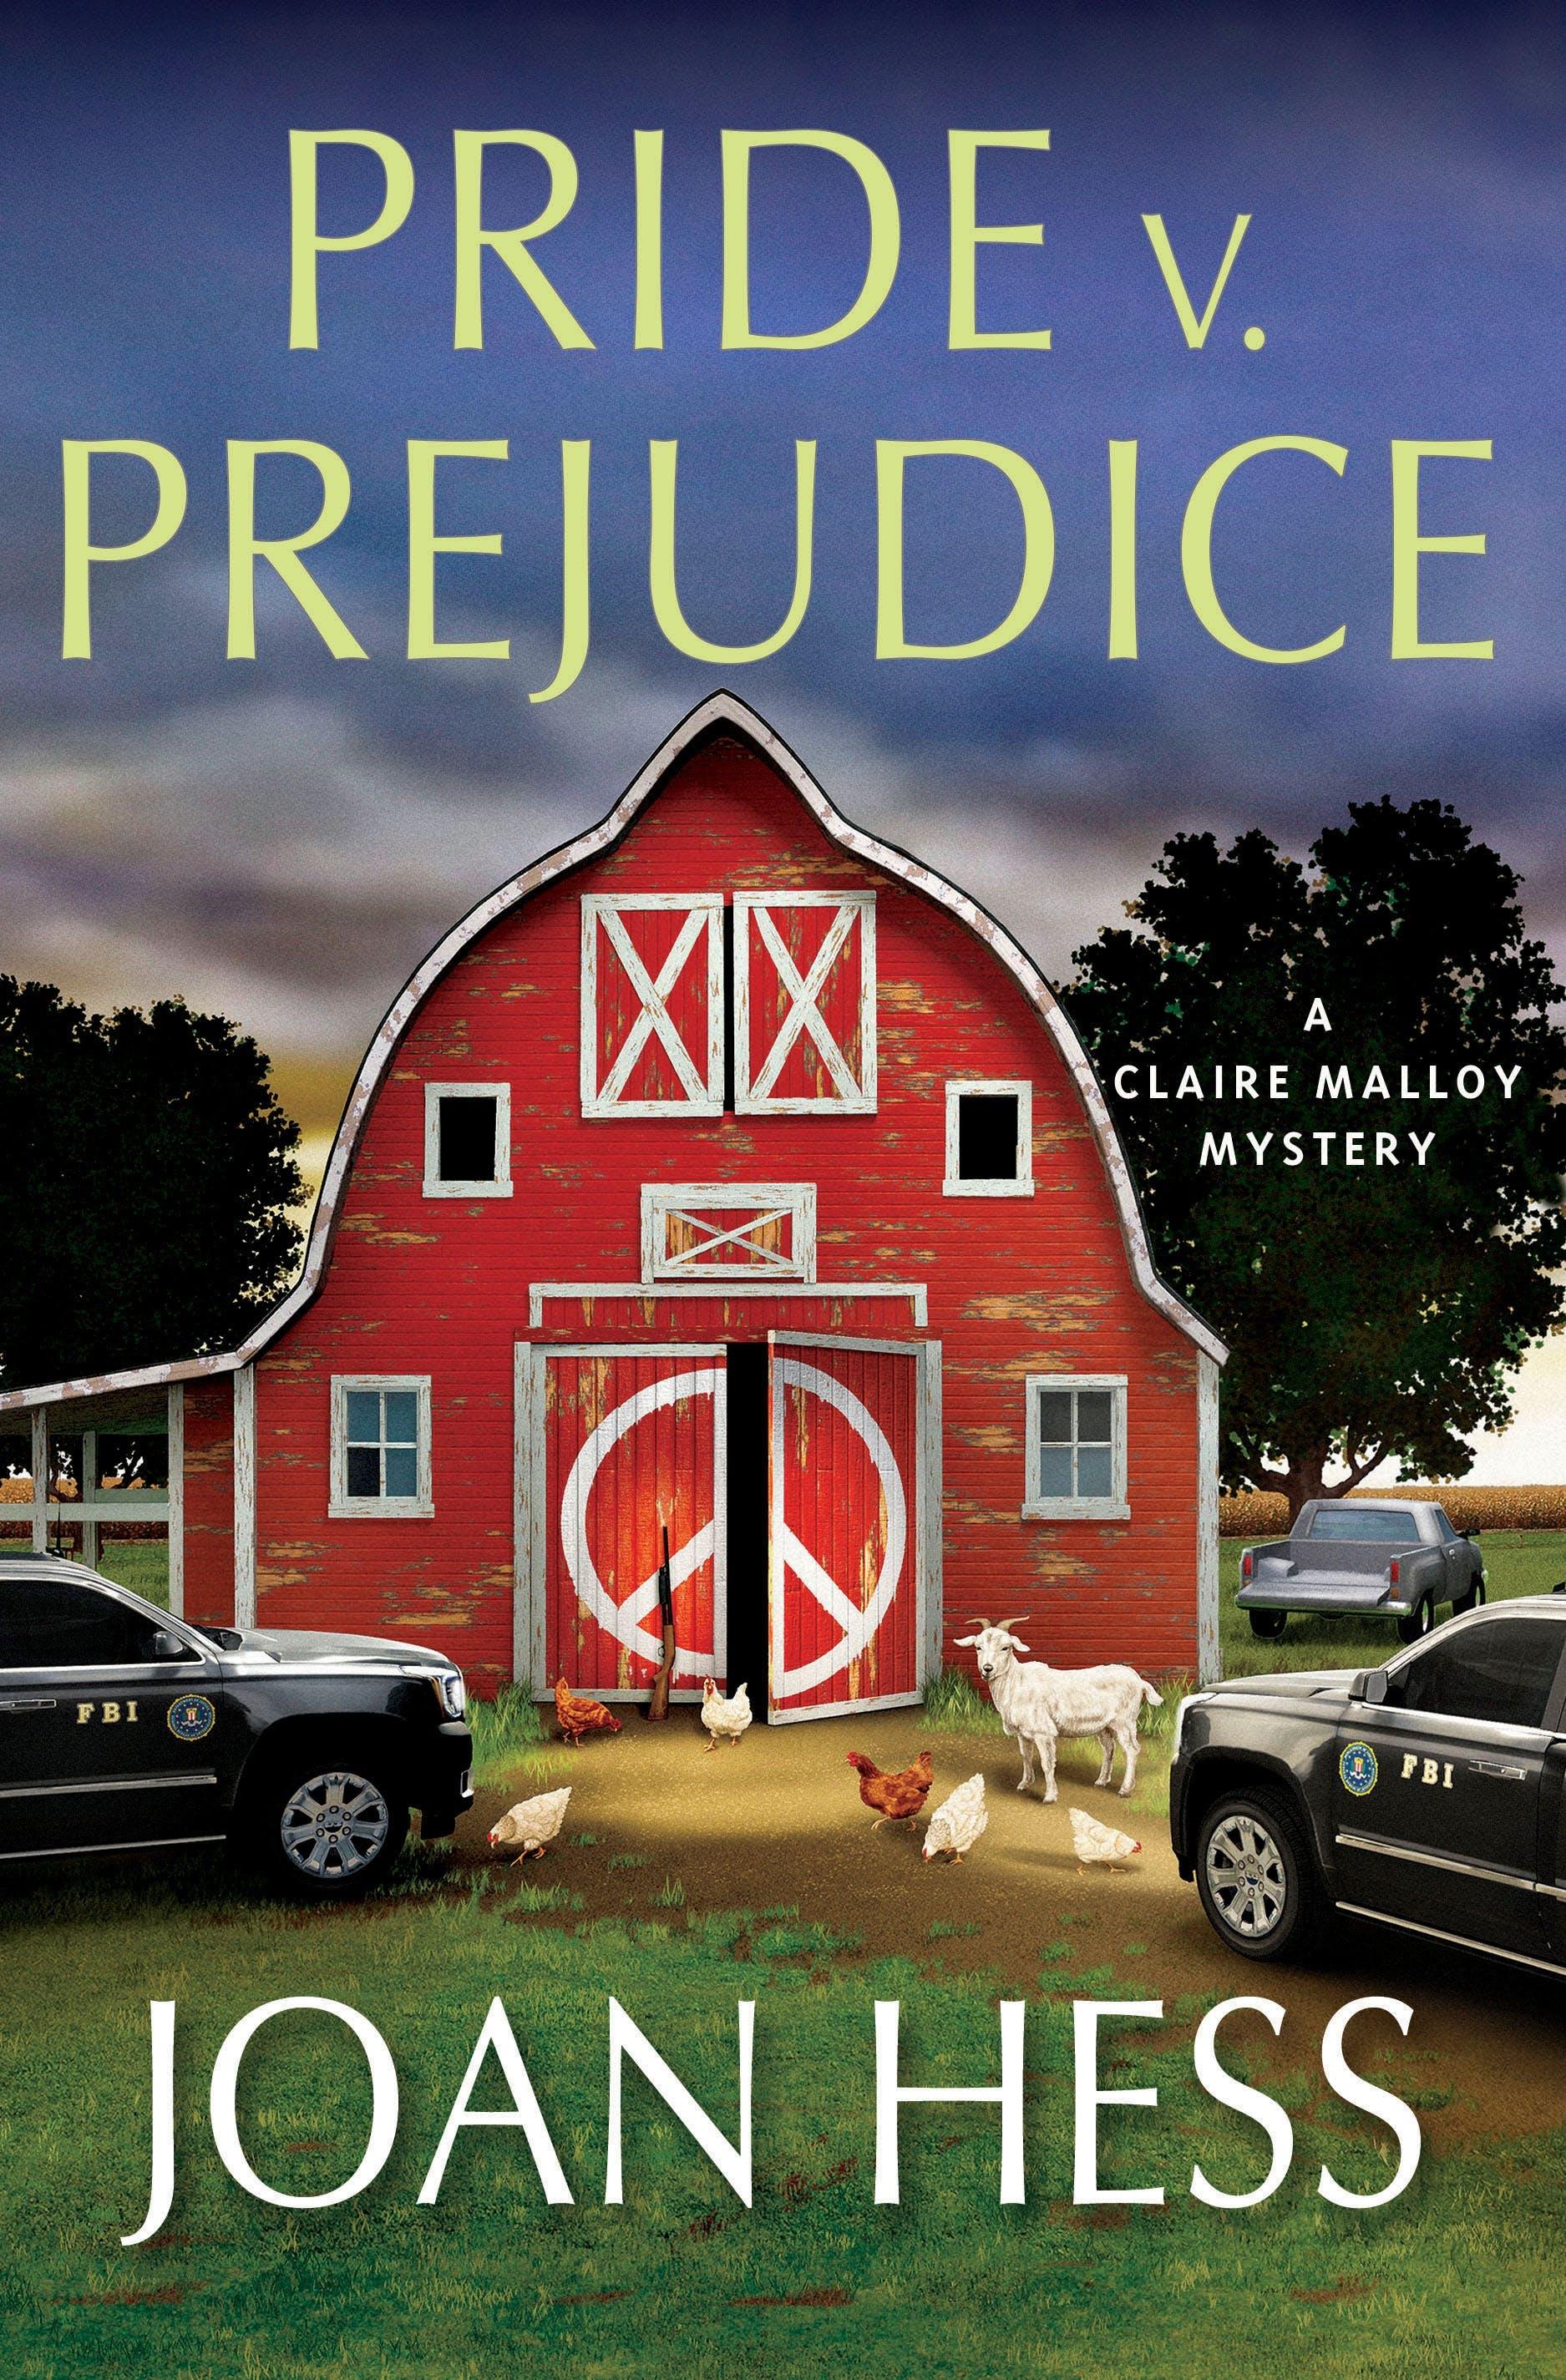 Image of Pride v. Prejudice